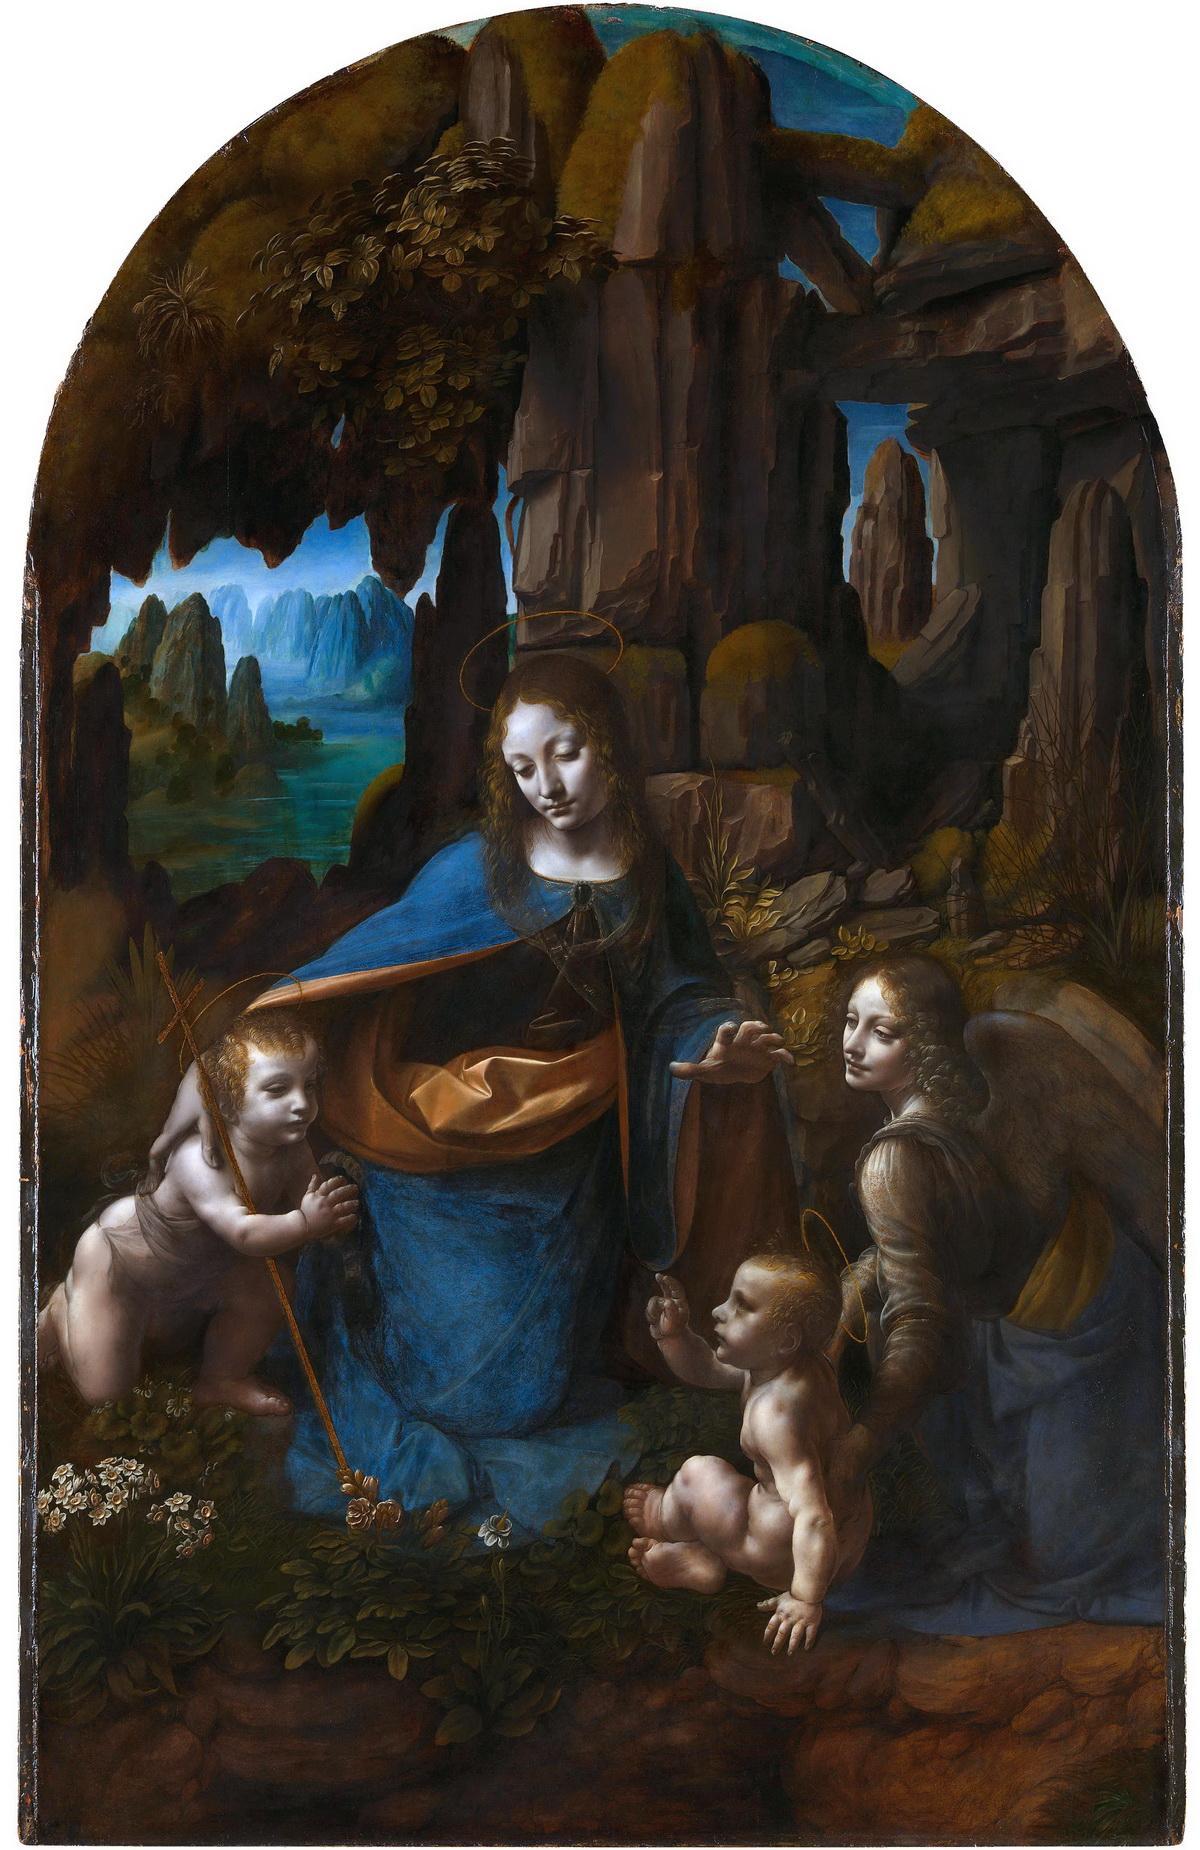 岩间圣母 意大利 达芬奇 英国国家美术馆藏